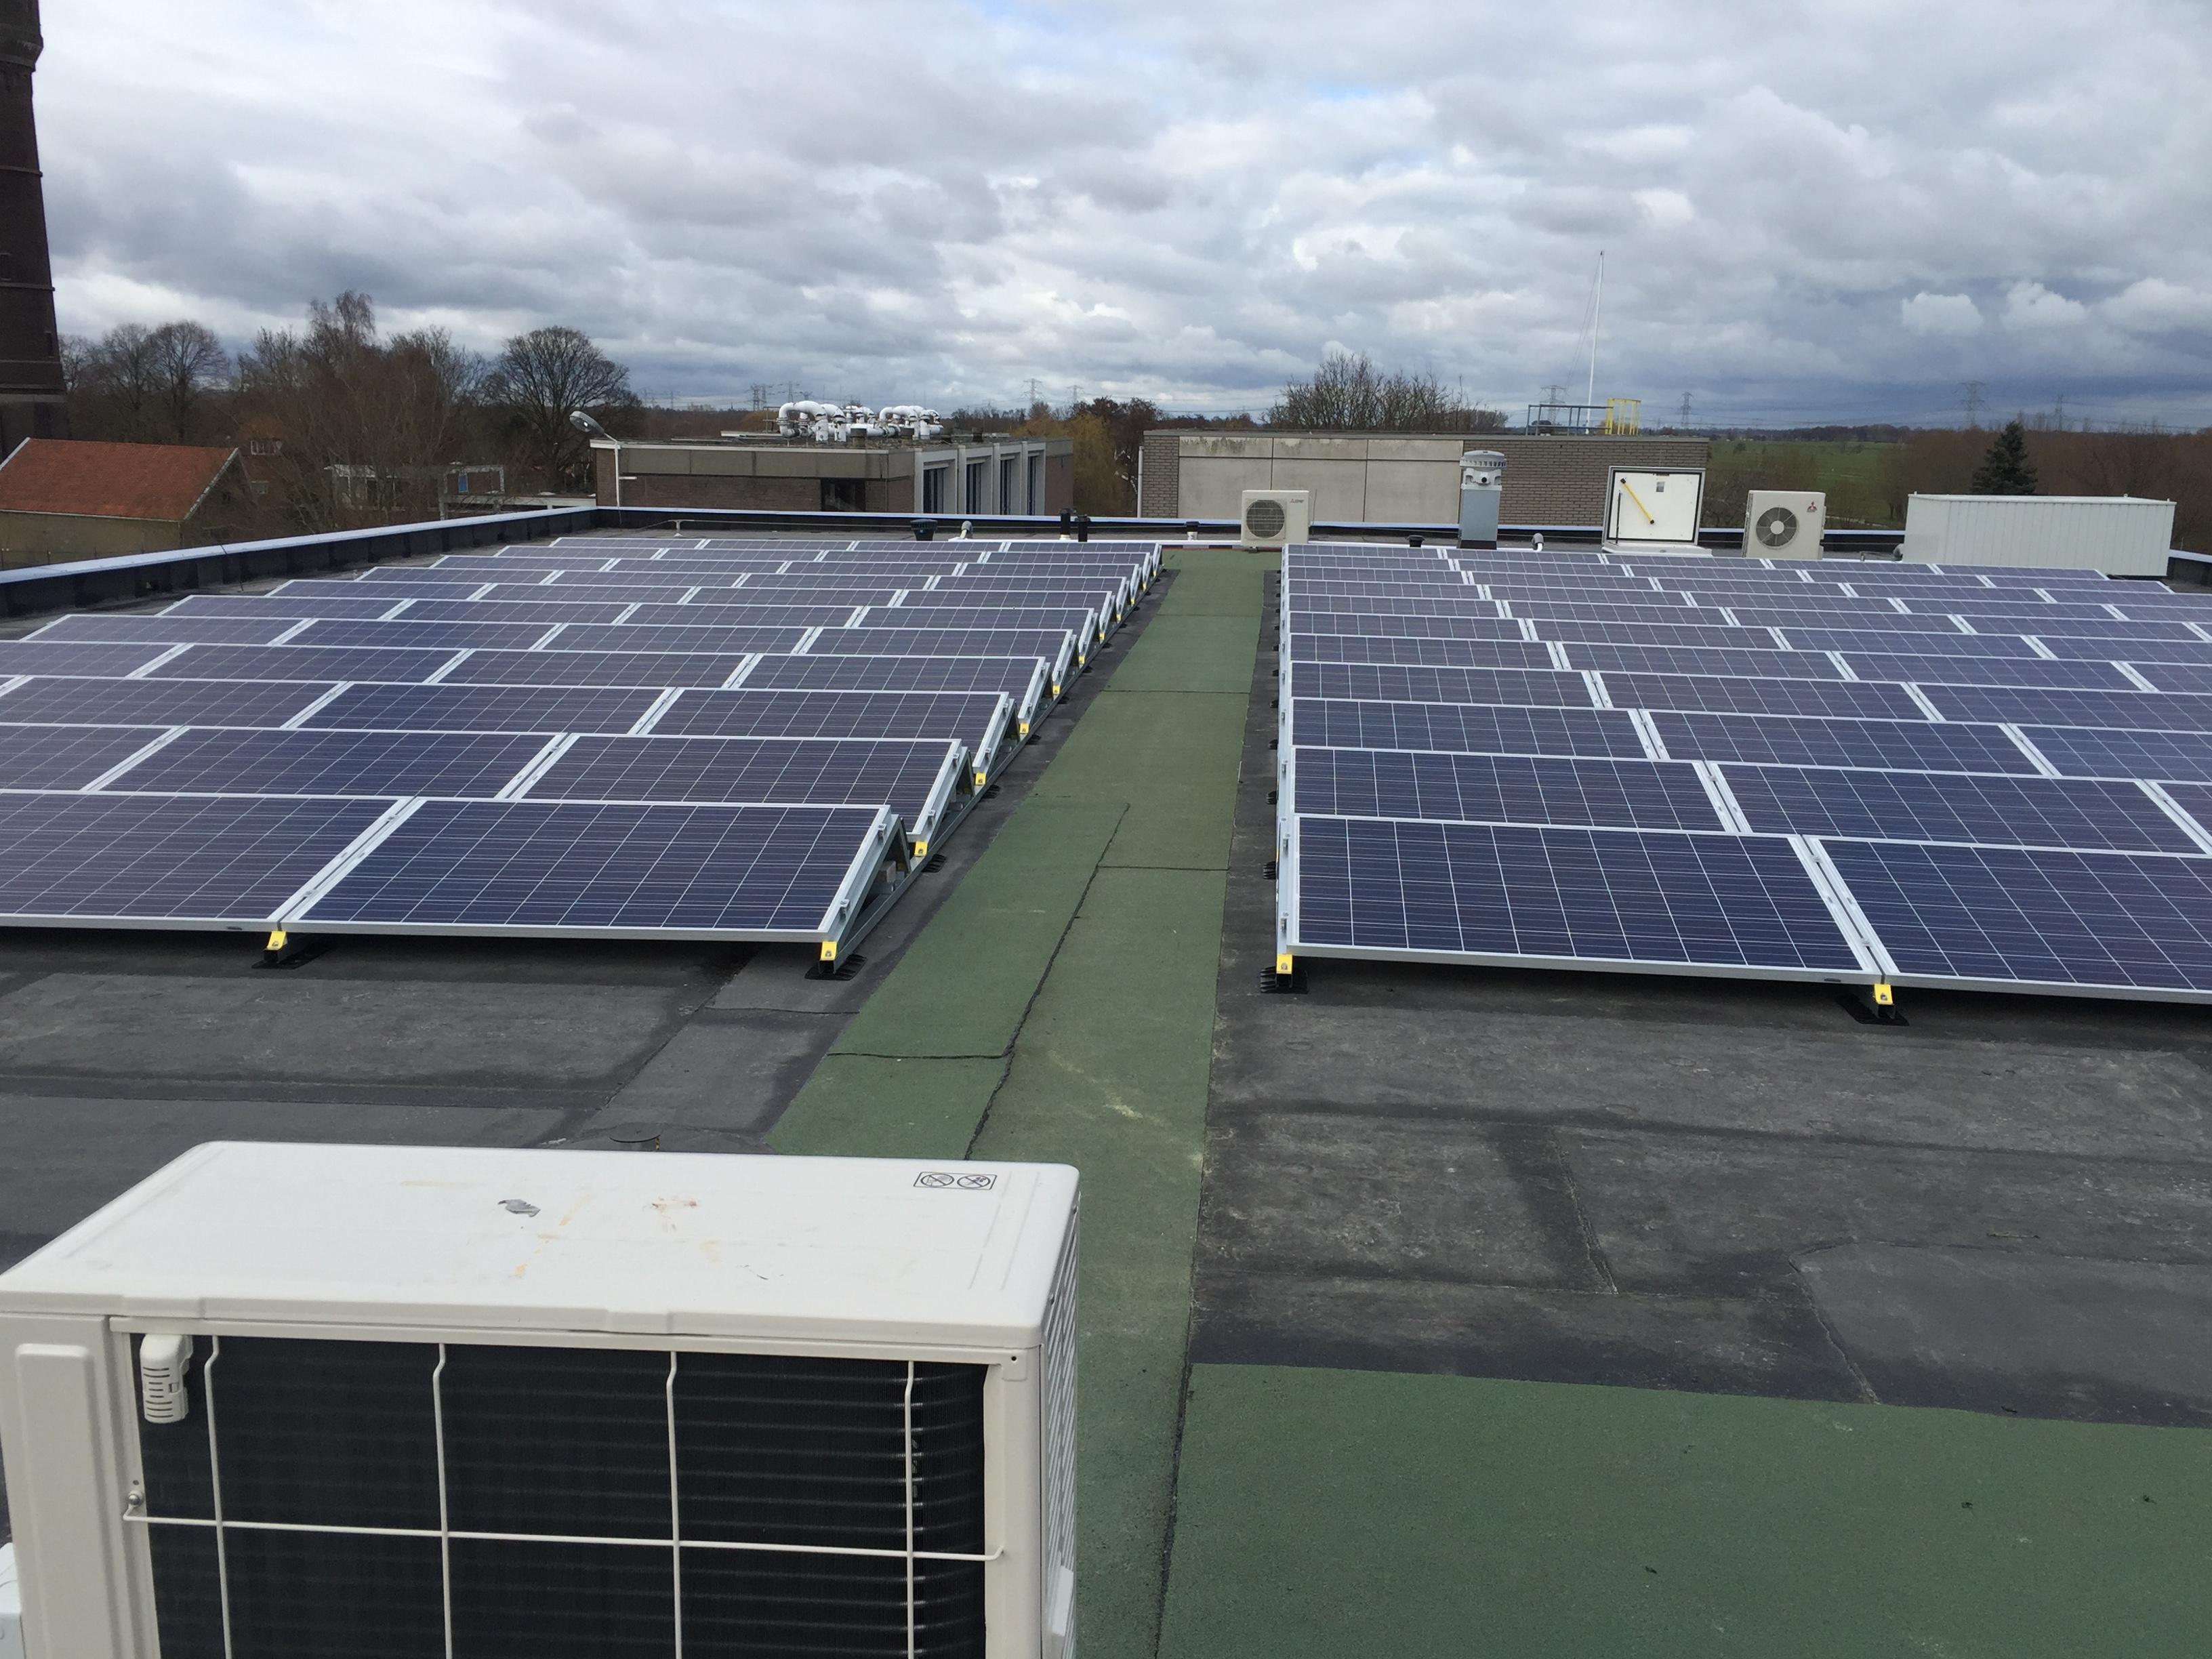 Oasen Paneel eerste stap naar energieneutraal oasen oasen nl